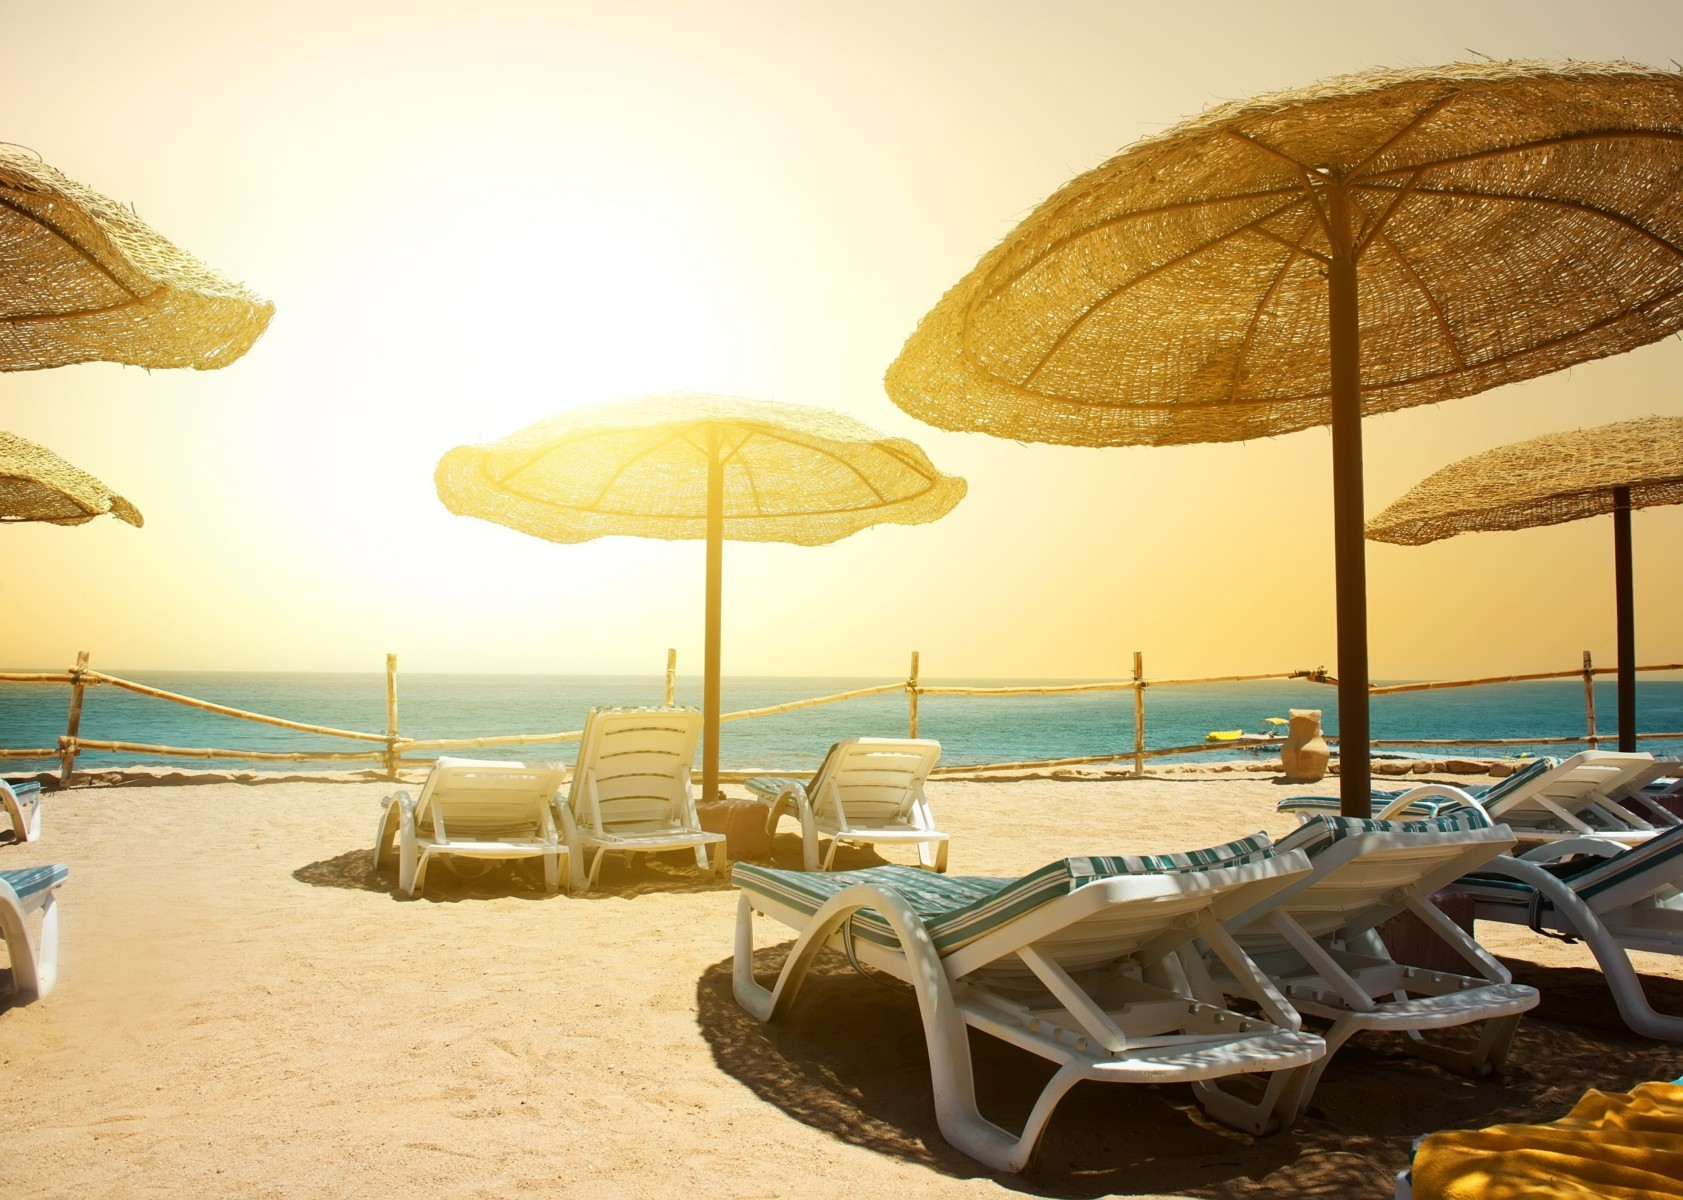 Лучшие пляжи Турции с «Голубым флагом»